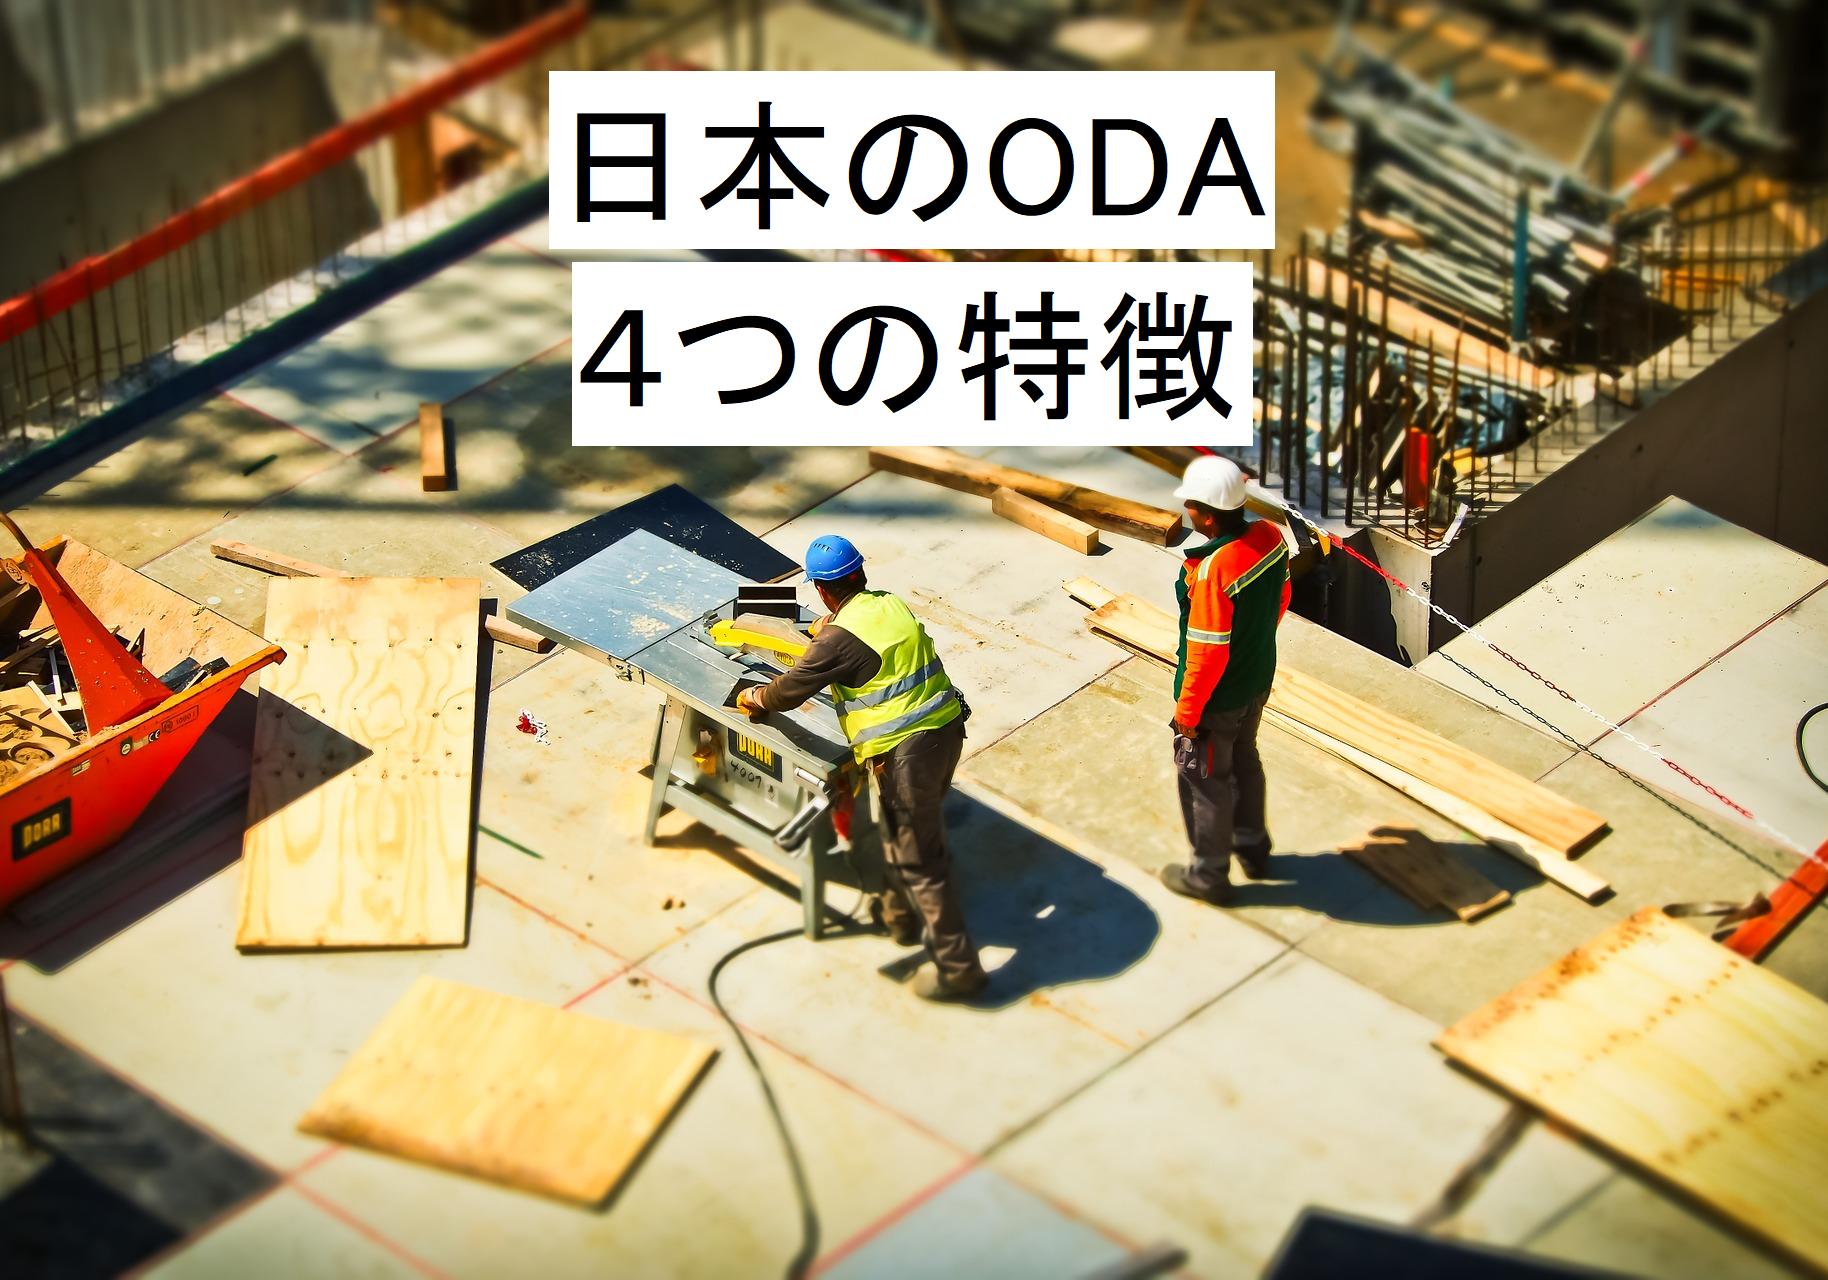 【5分で読める】日本のODAにおける4つの特徴とは?~自助努力を引き出す仕組み~